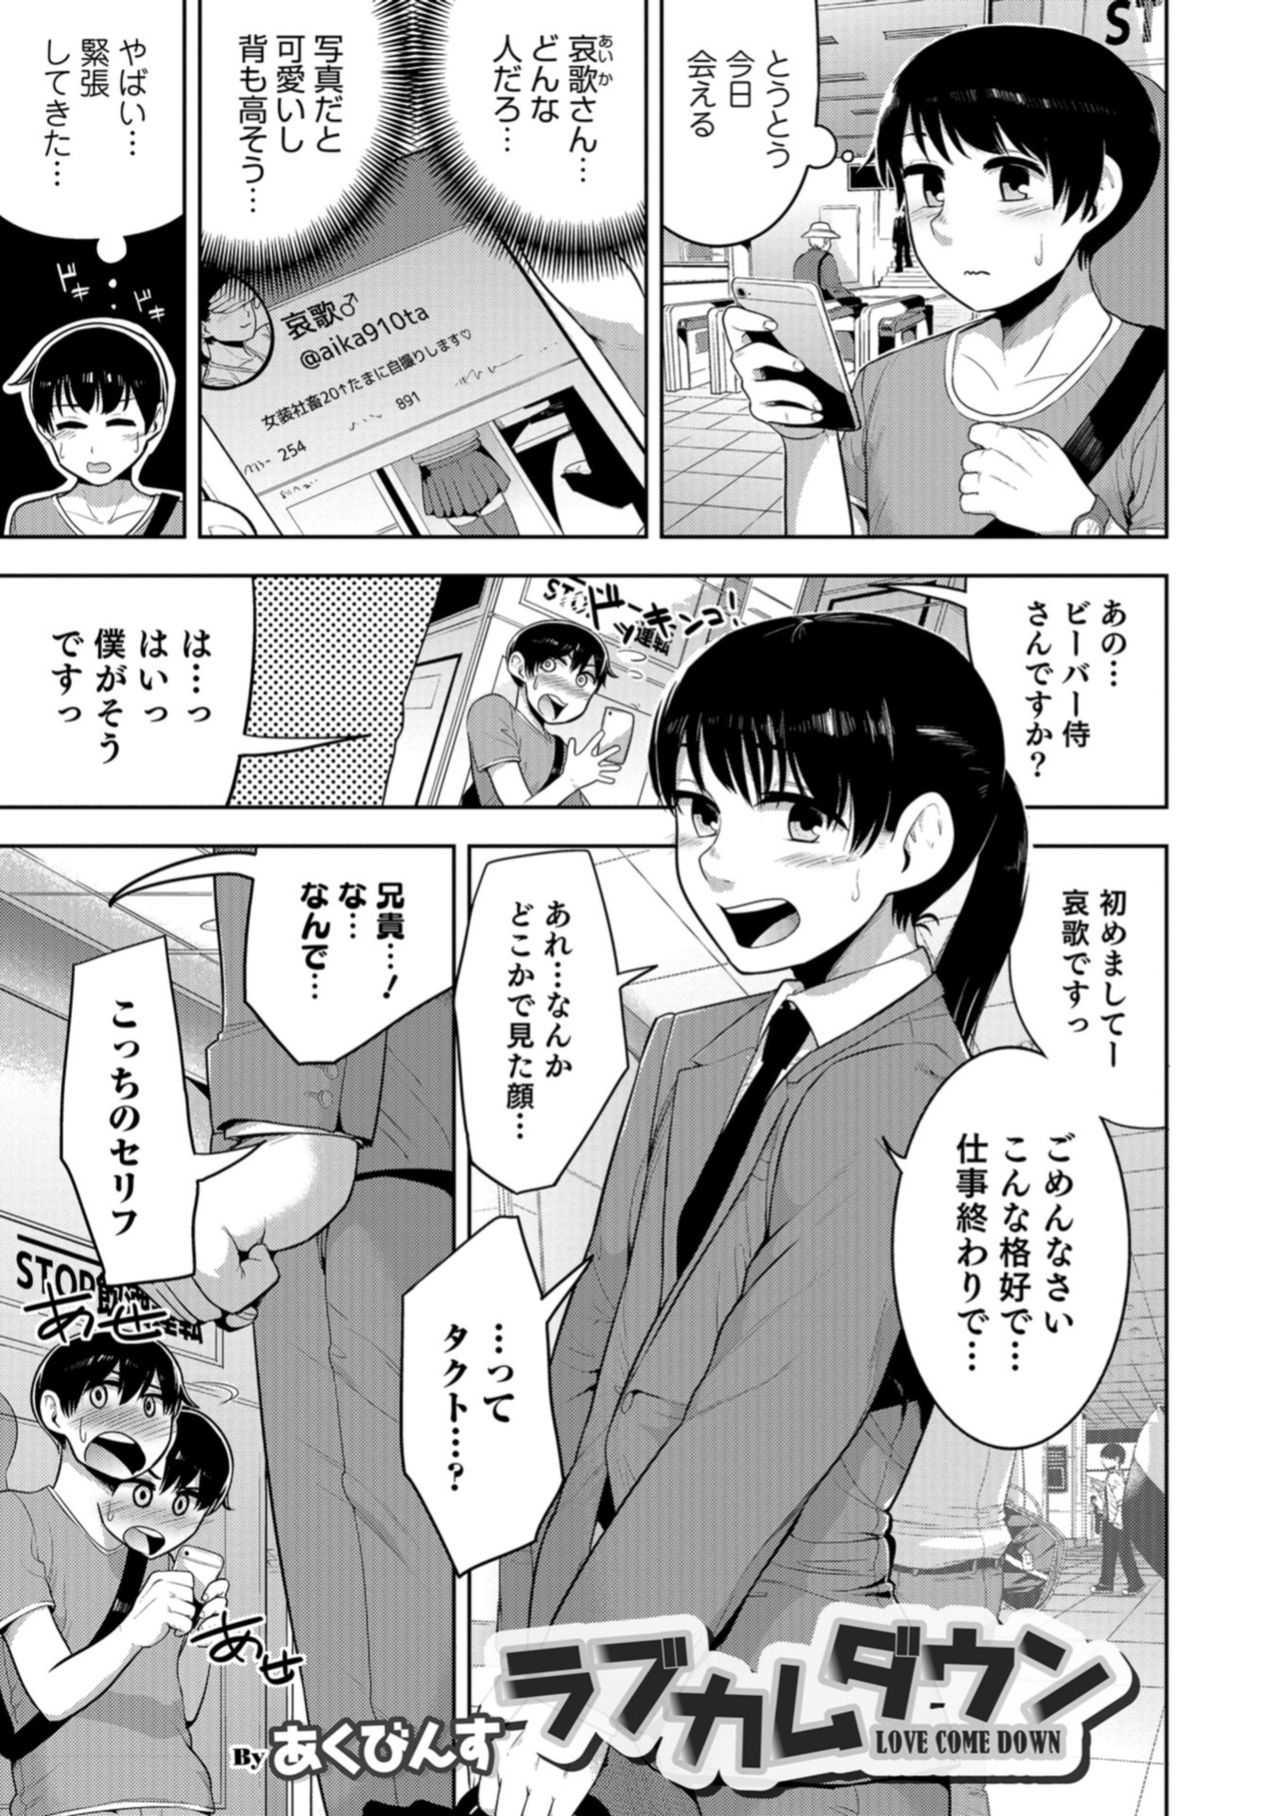 青年 エロ 漫画 い